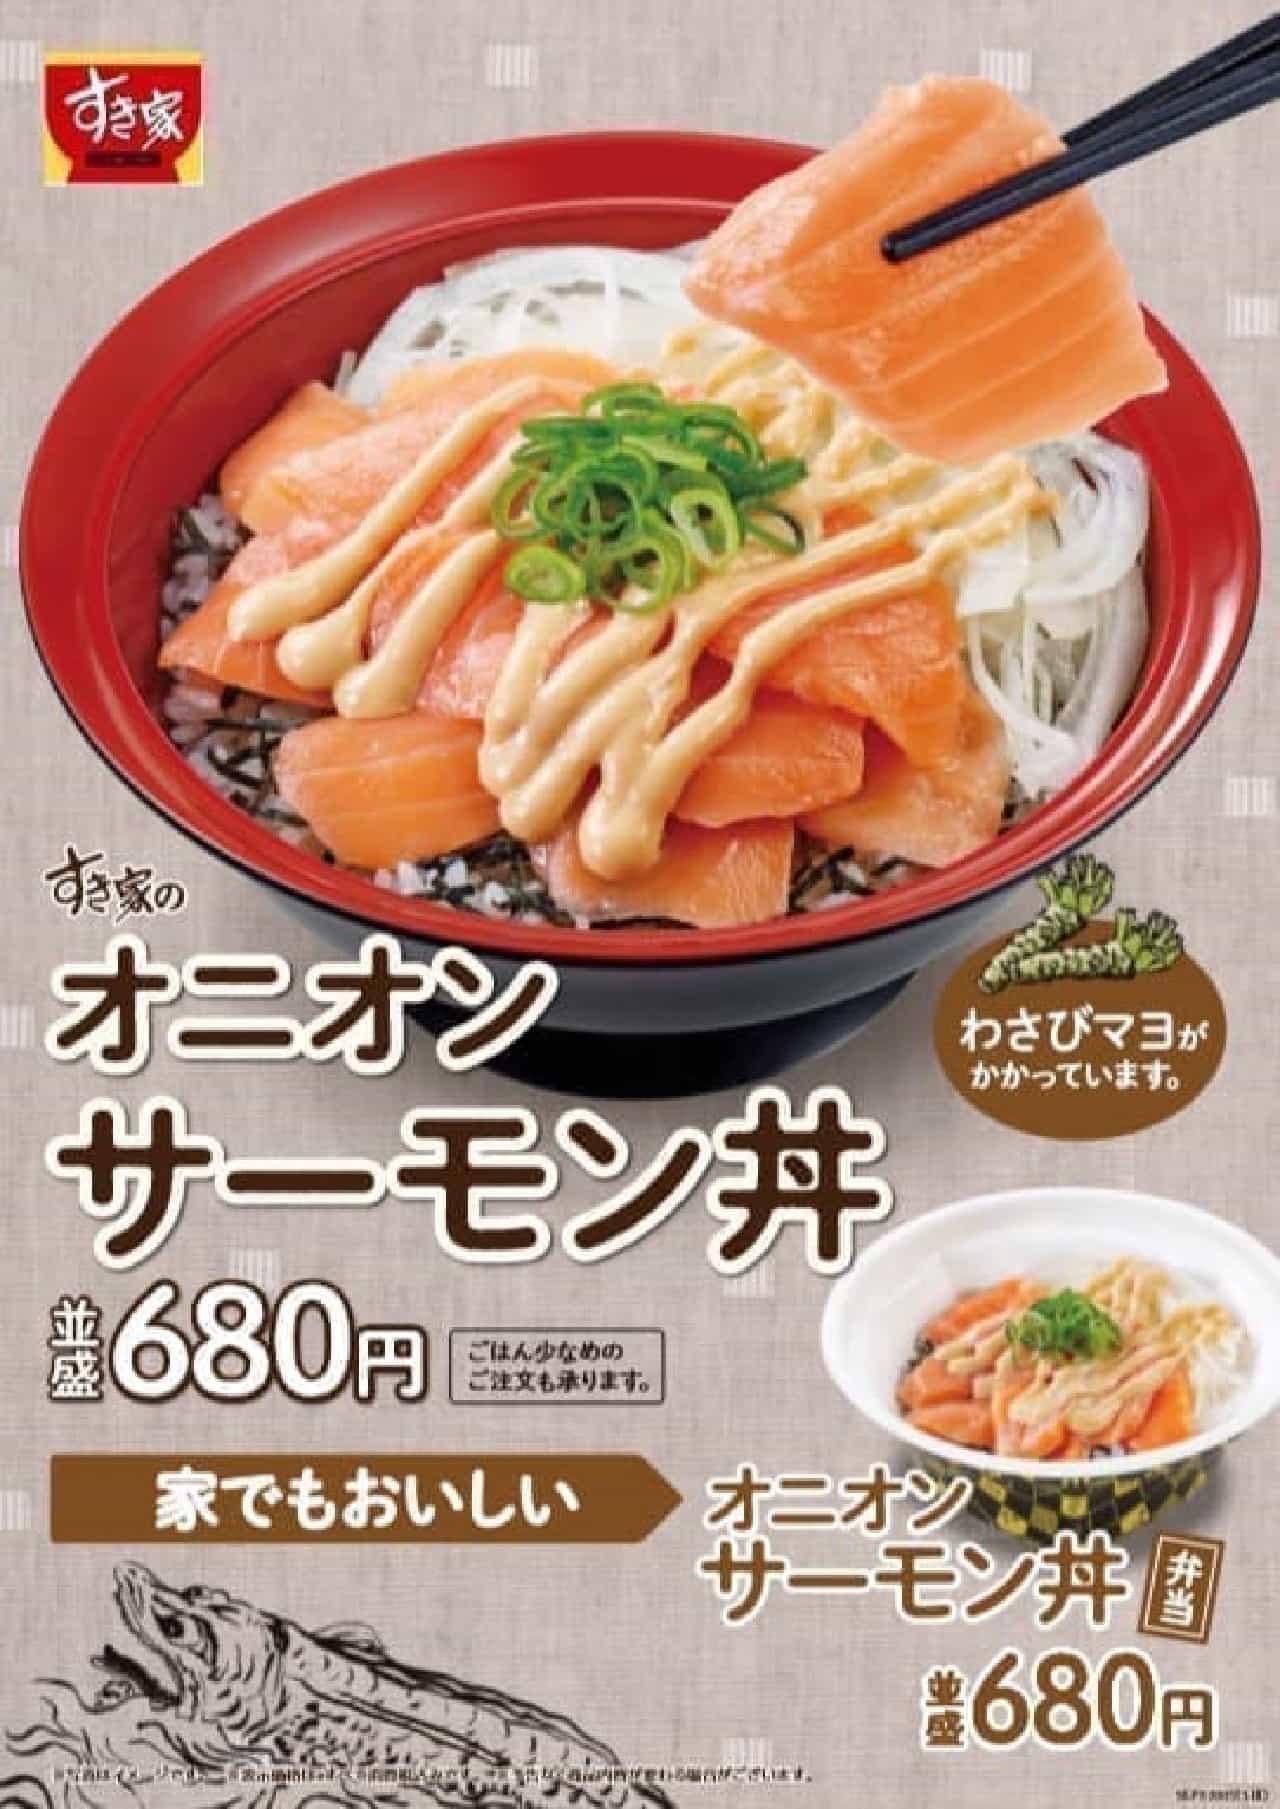 すき家オニオンサーモン丼